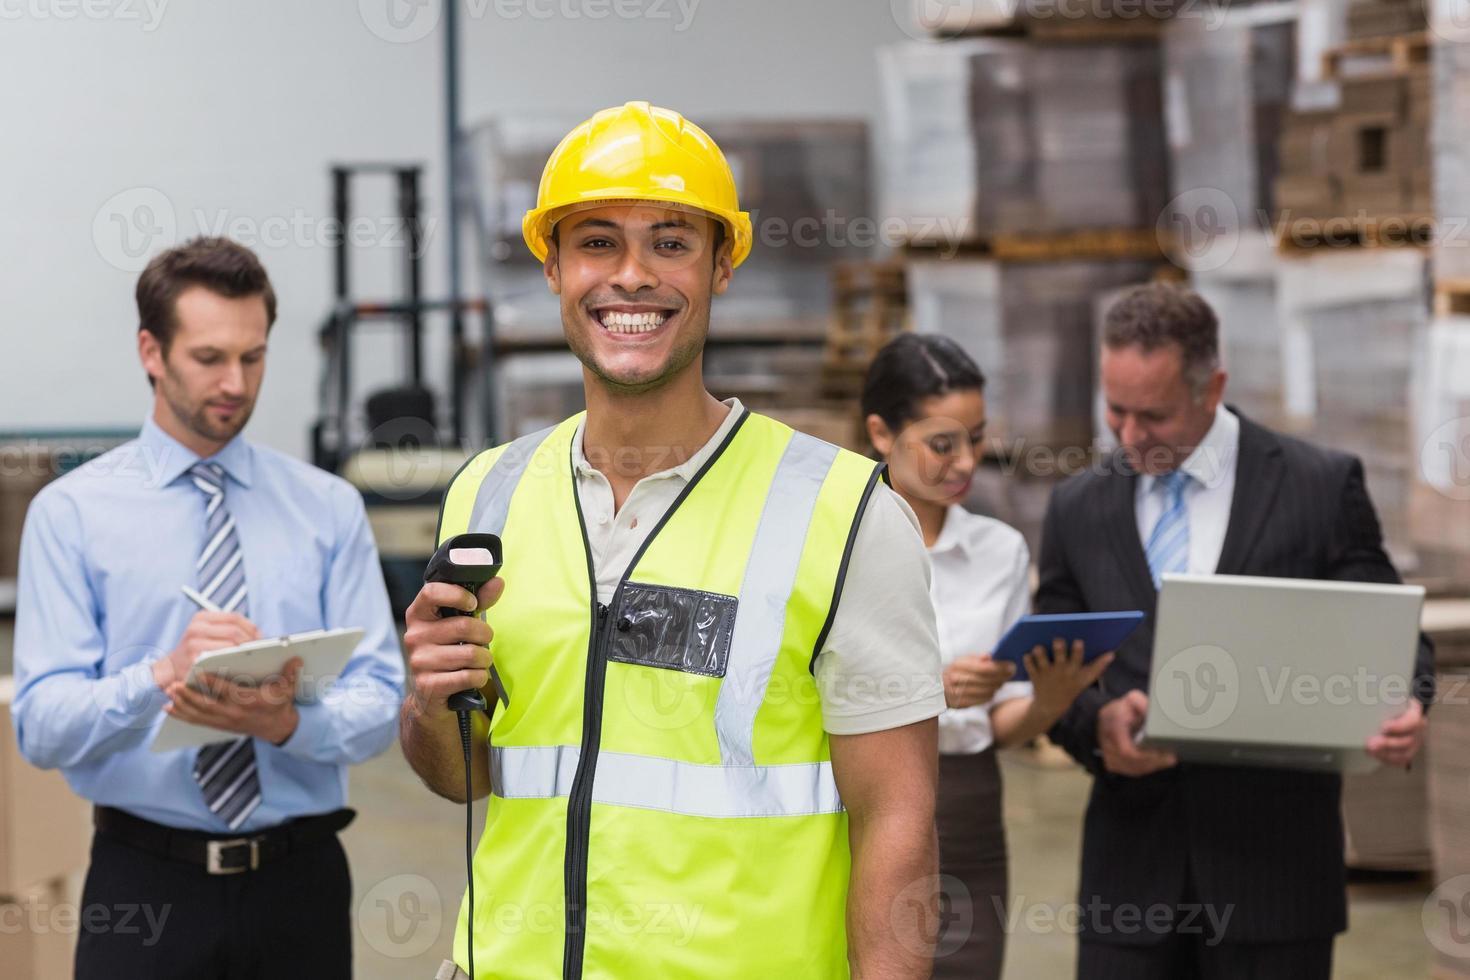 Arbeiter steht mit Scanner vor seinen Kollegen foto